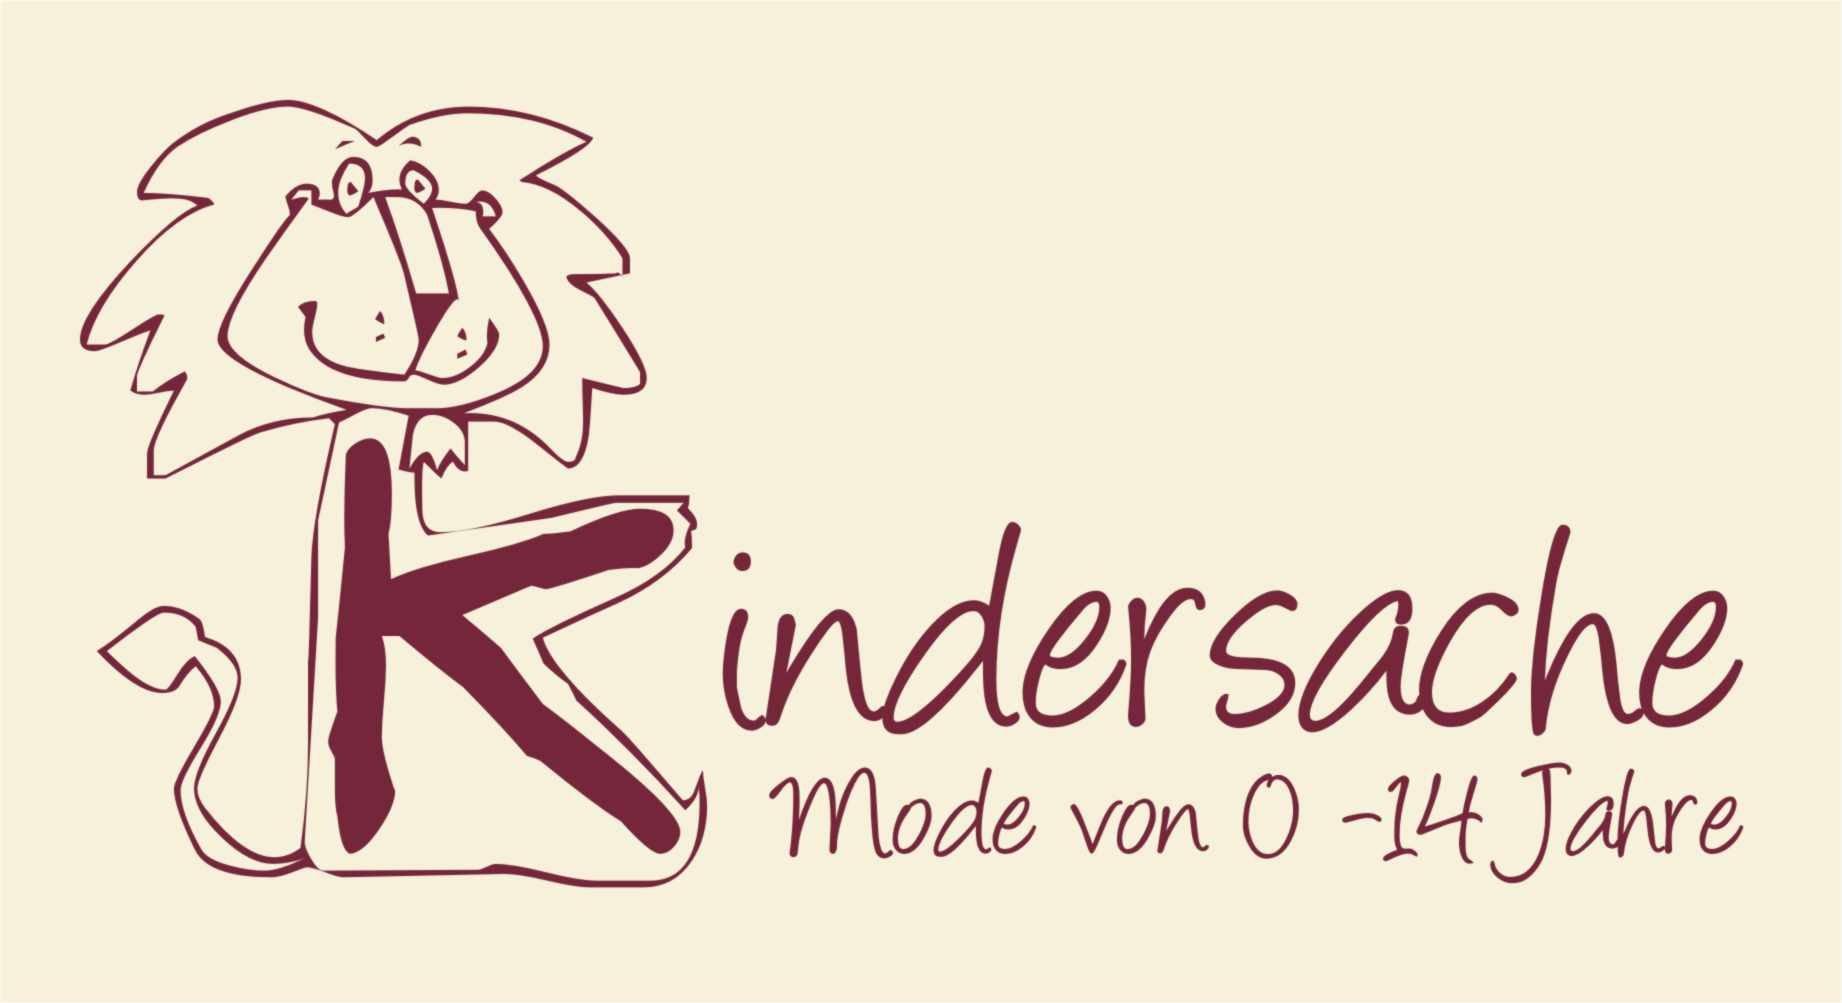 Logo Kindersache Wolfach